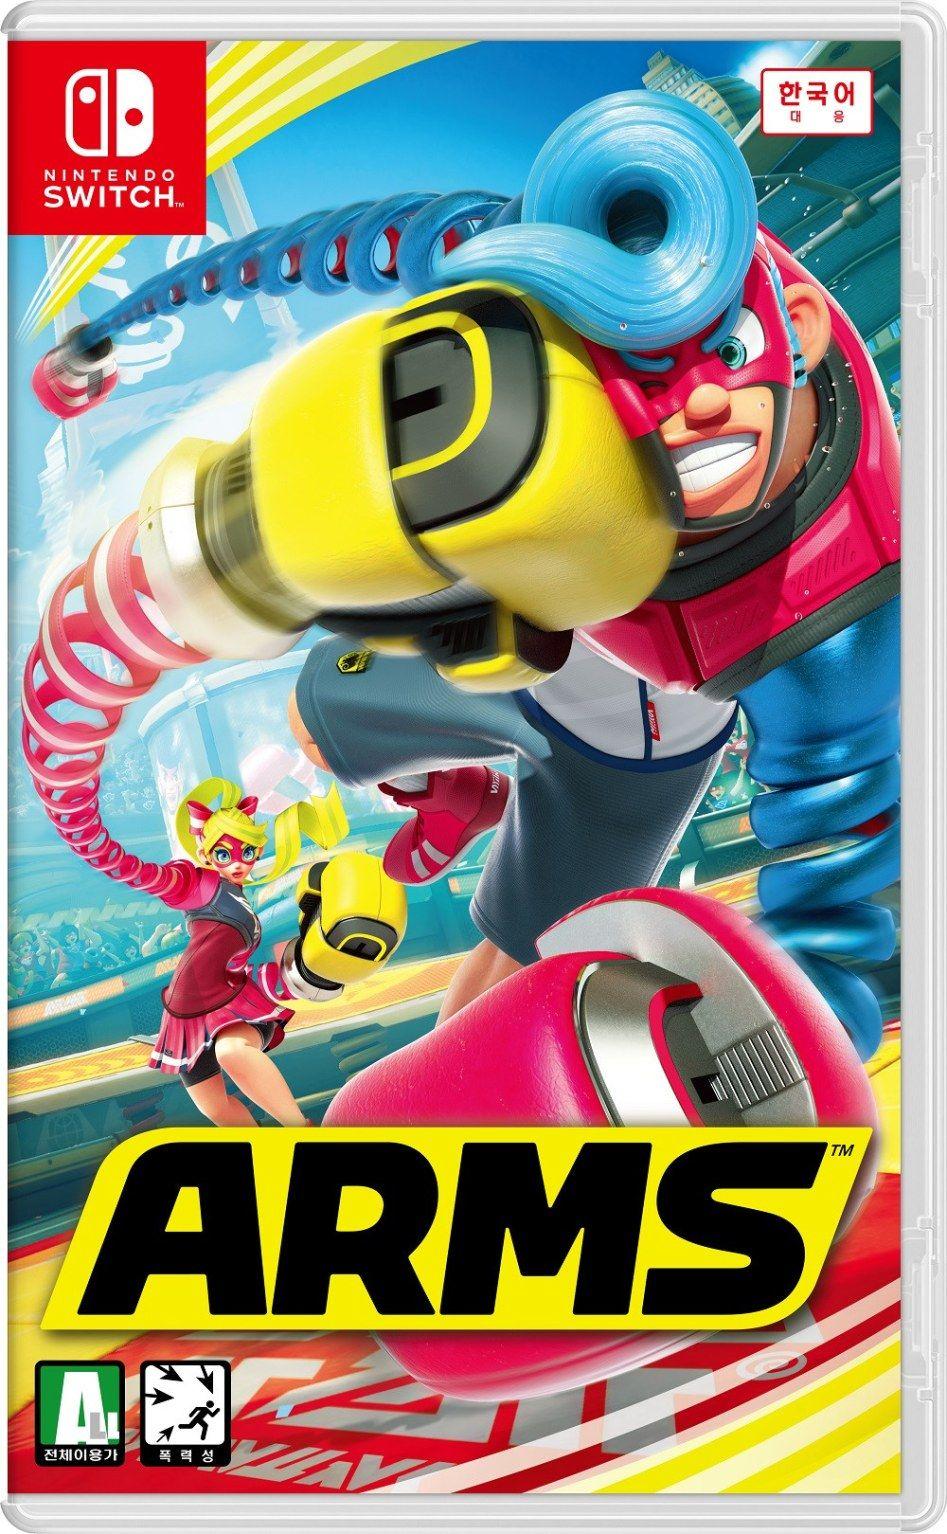 닌텐도 스위치 암즈(ARMS) 구입!_ 6